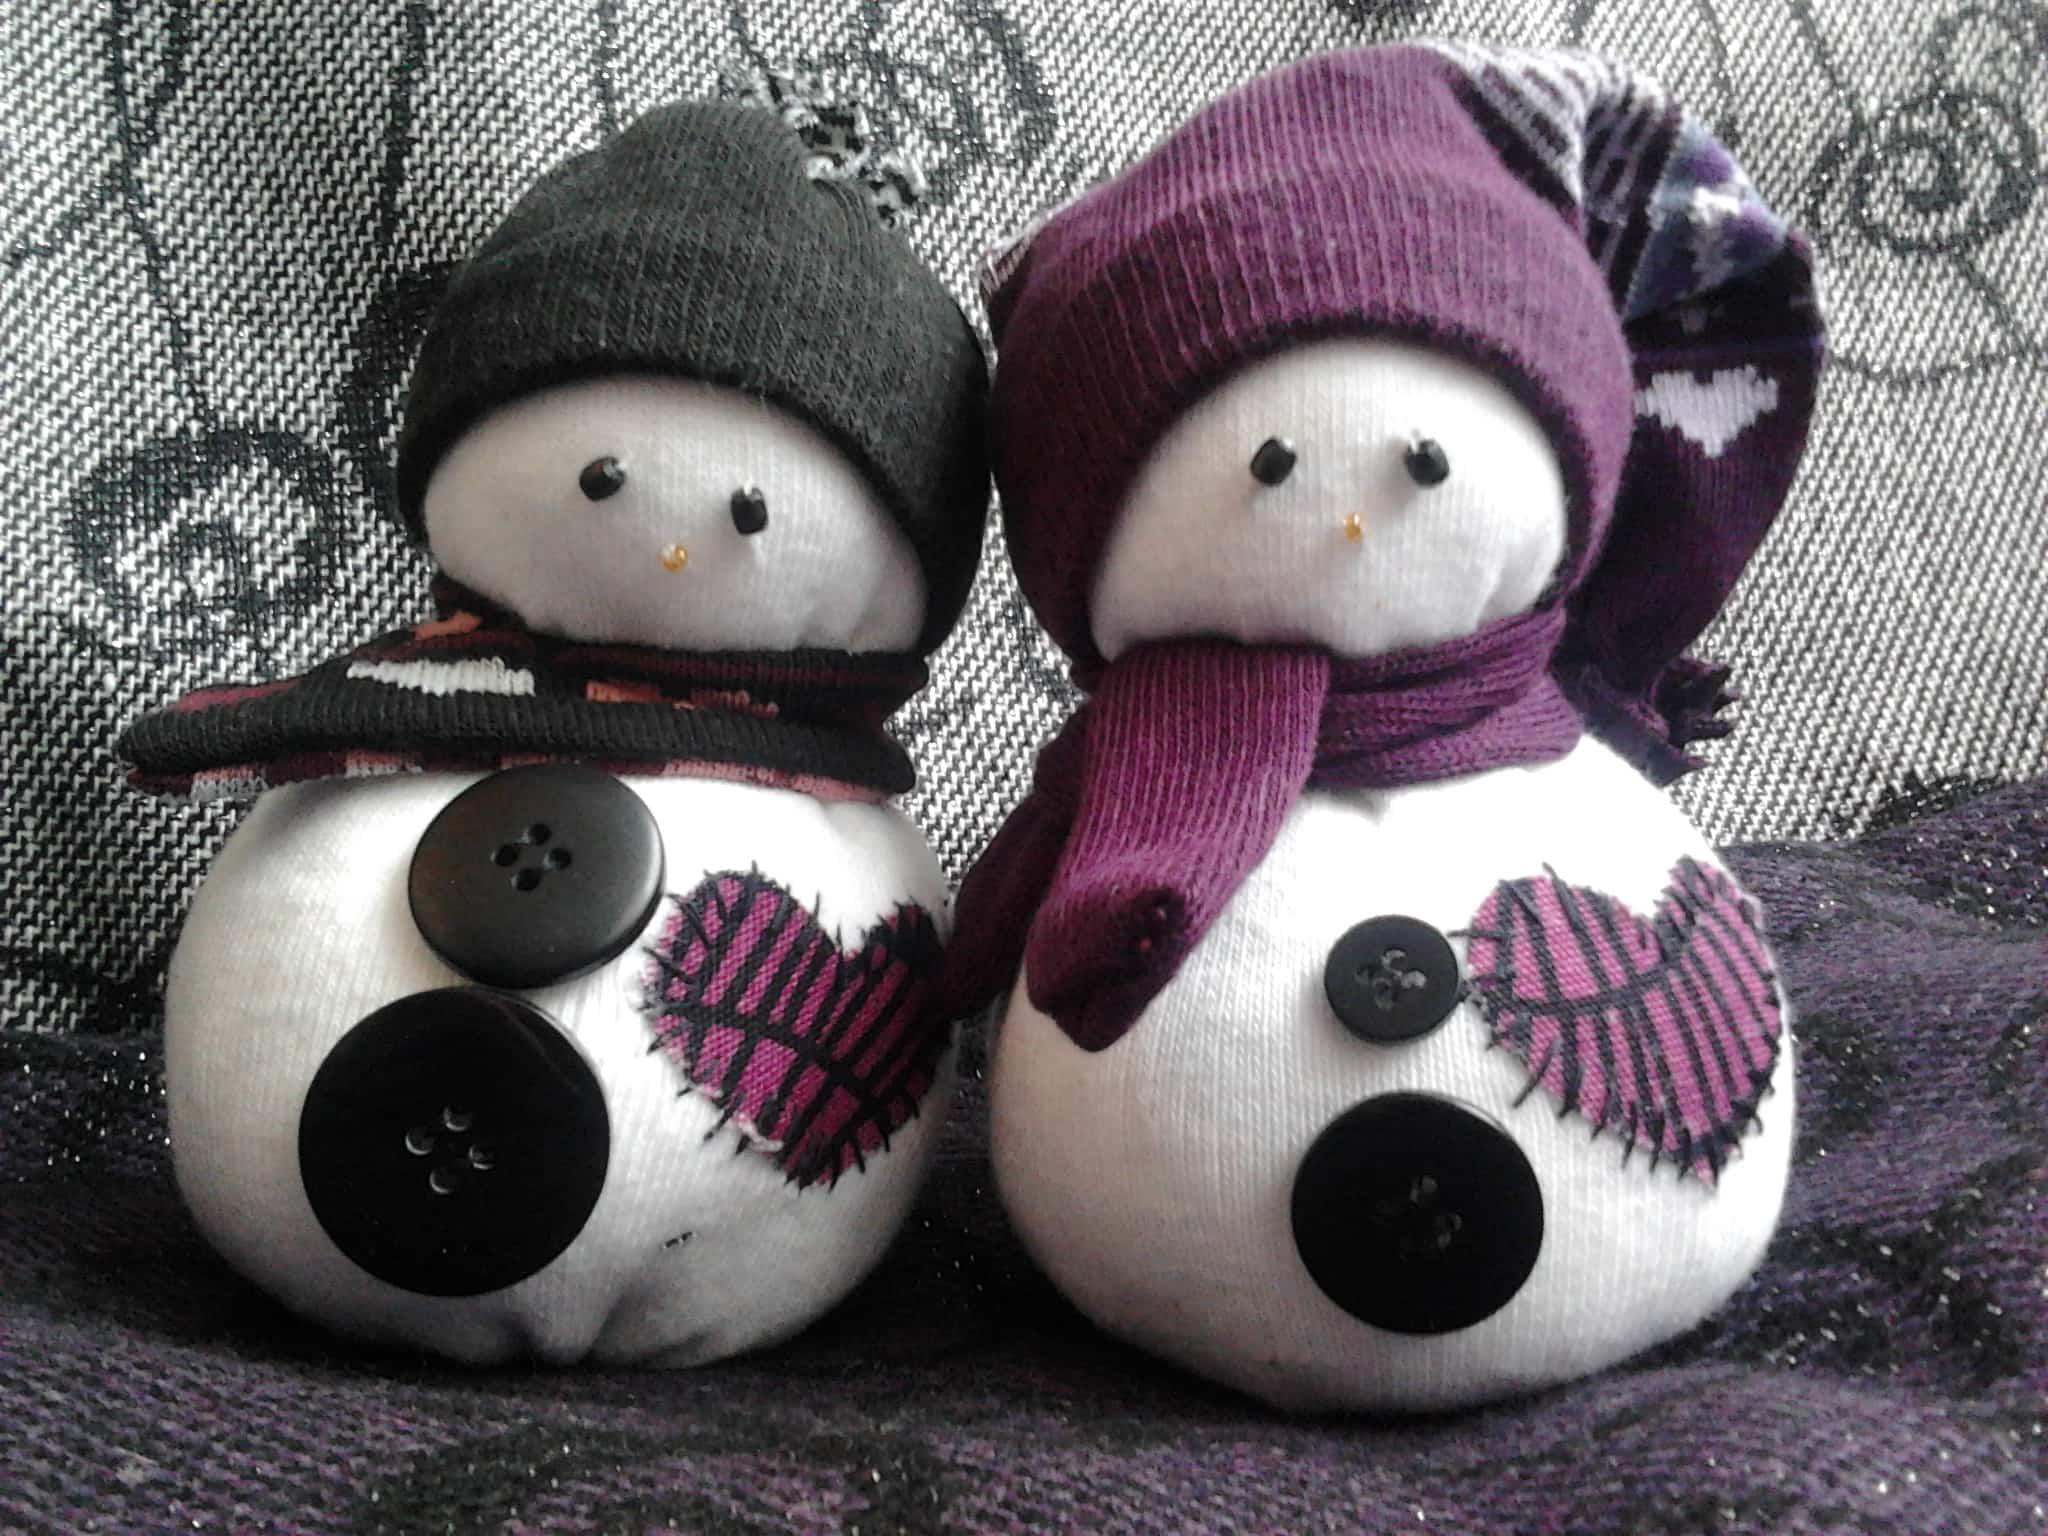 maneras de hacer un muñeco de nieve para decorar